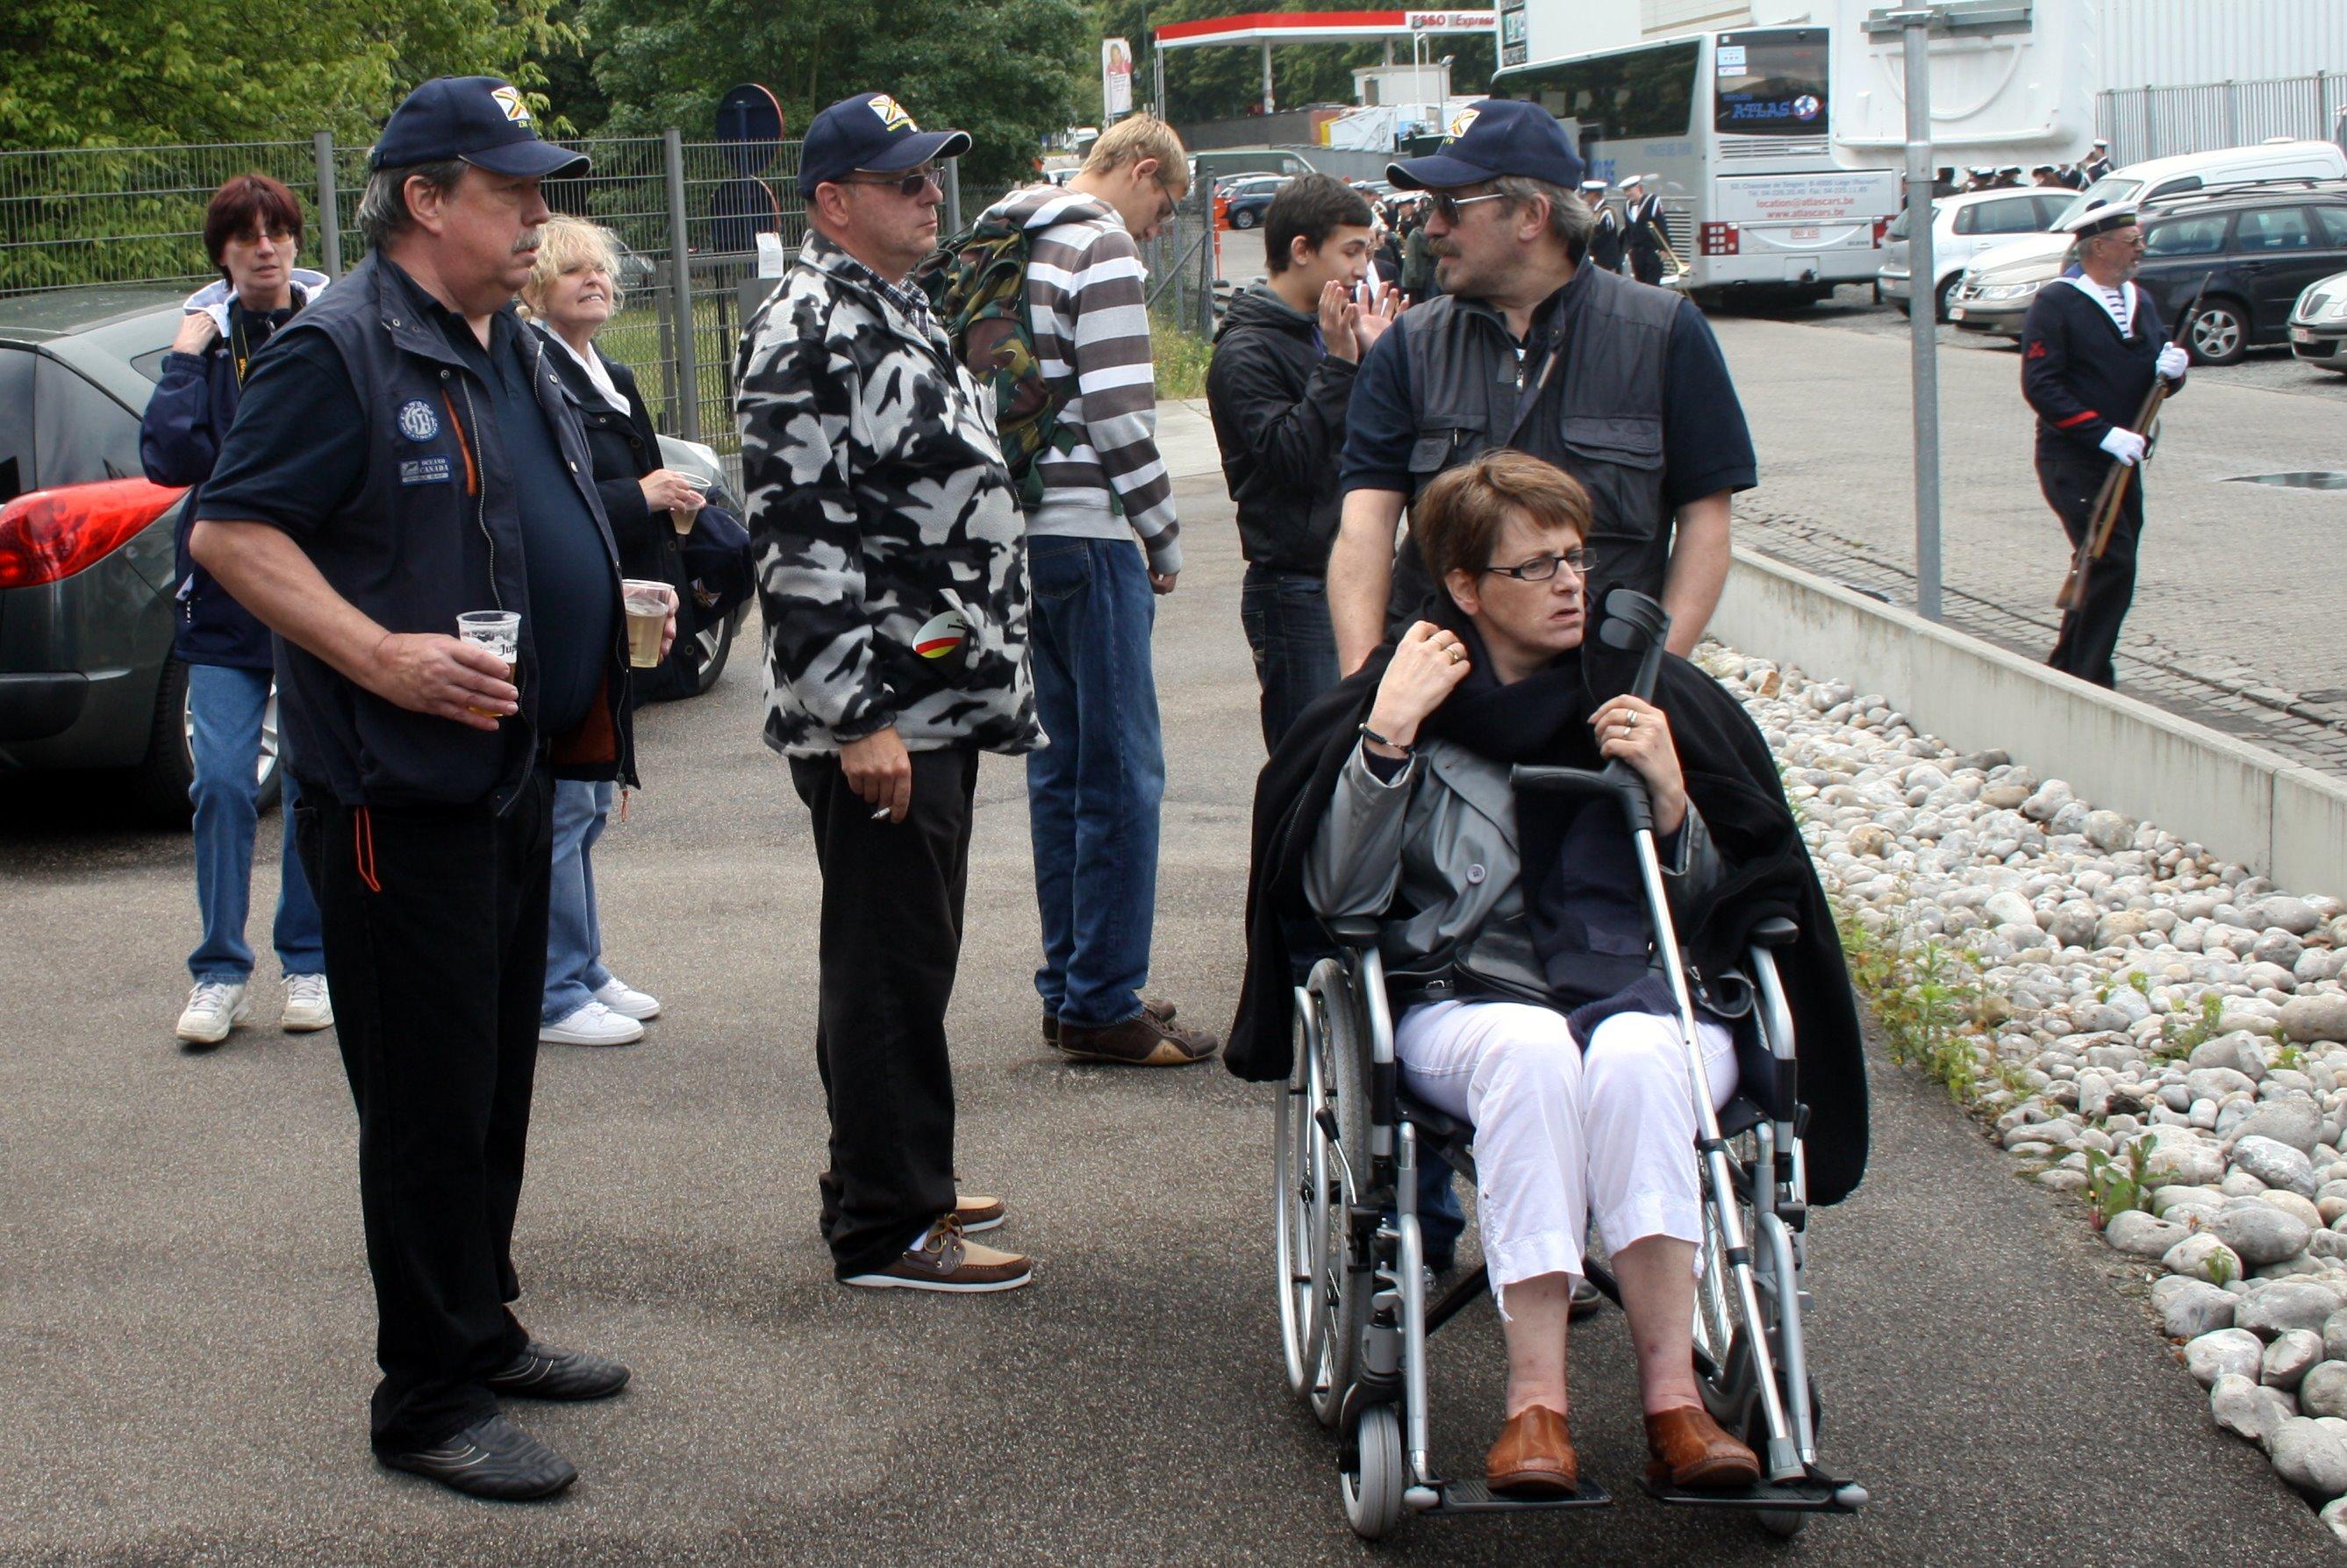 Fastes des Cadets de Marine à Bruxelles le 18/06/2011 - Page 19 1106210944081095838357770